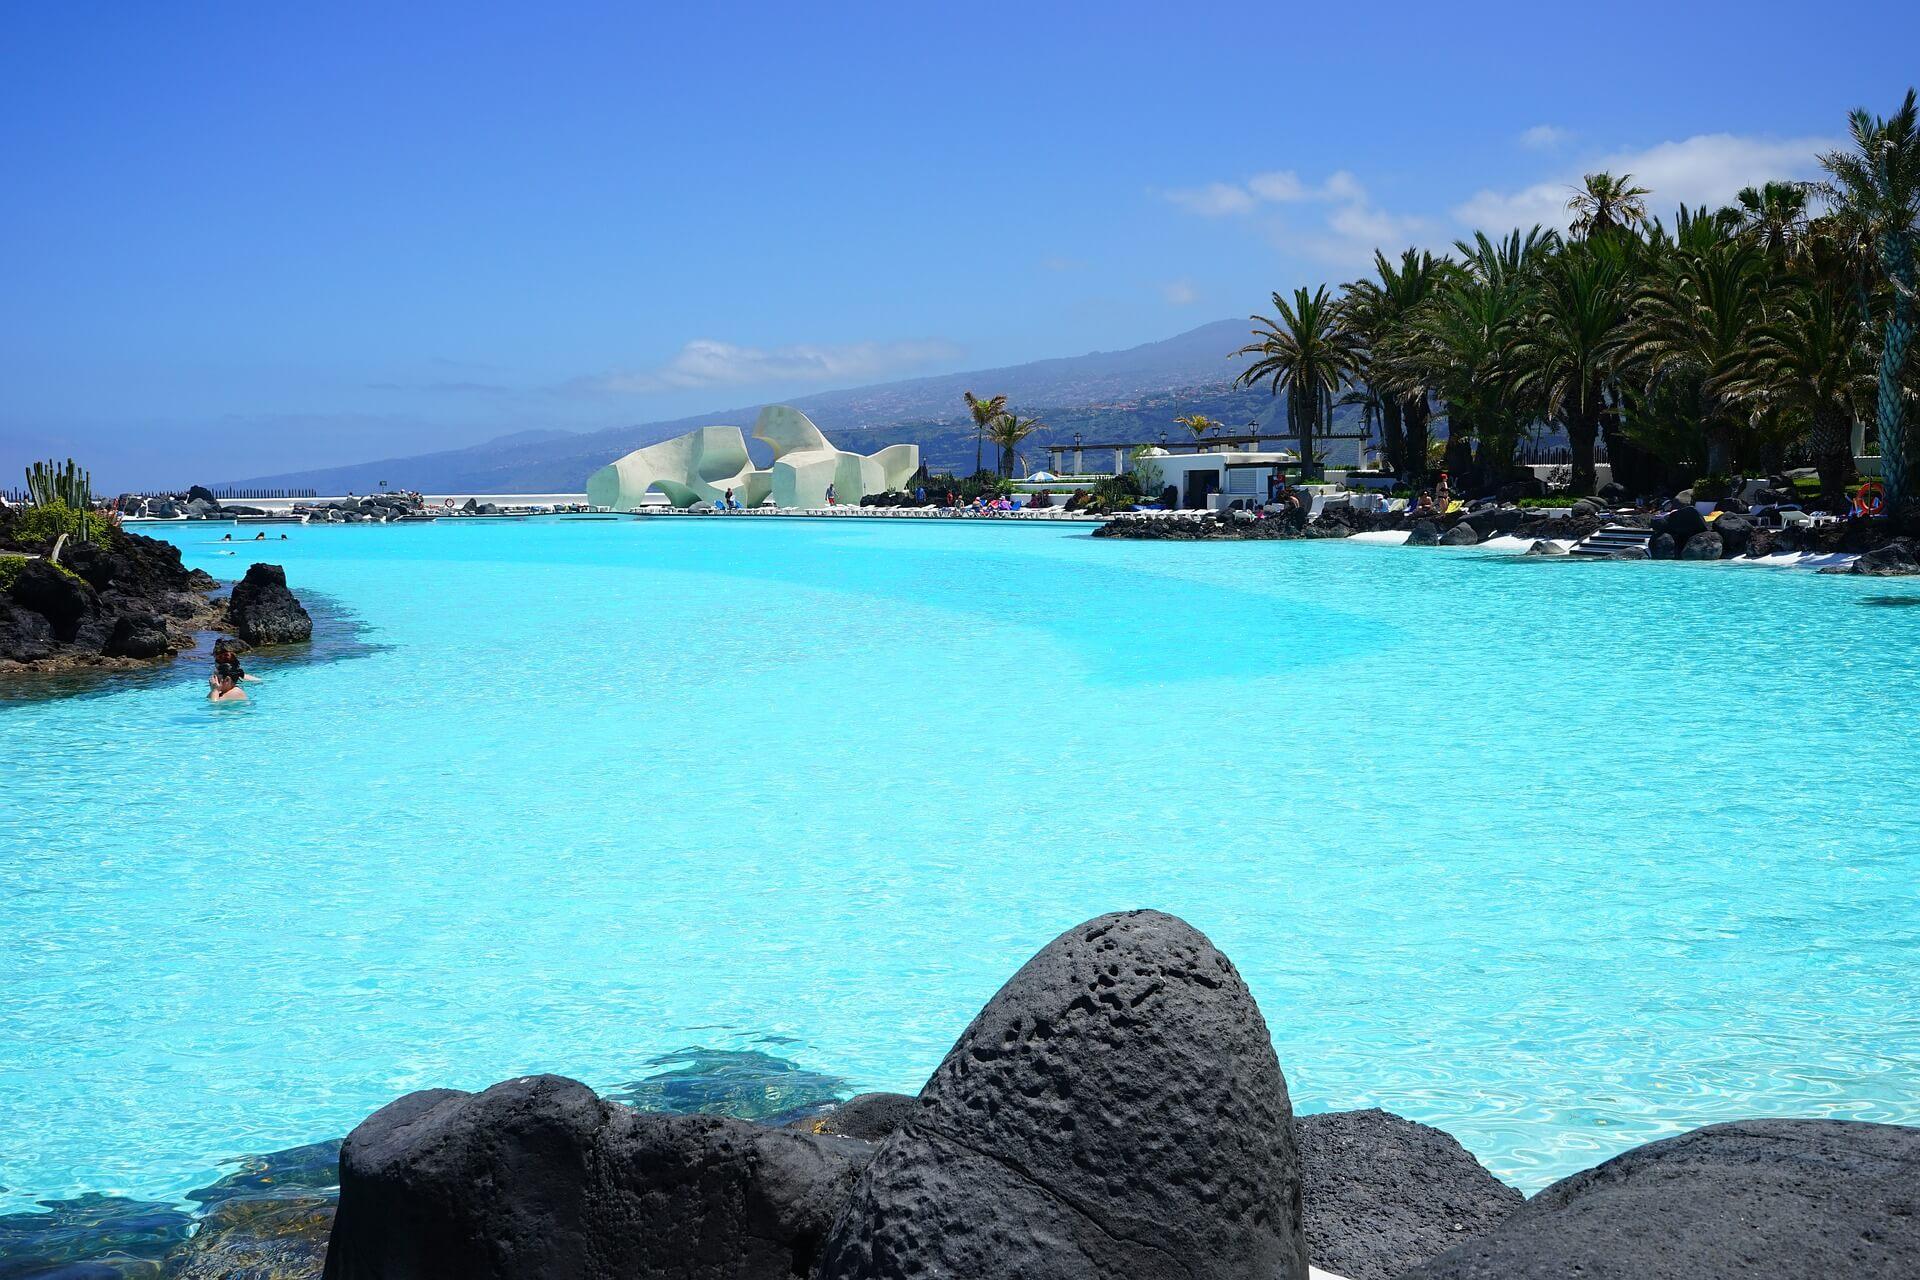 Blick auf Pool vom Ferienhaus